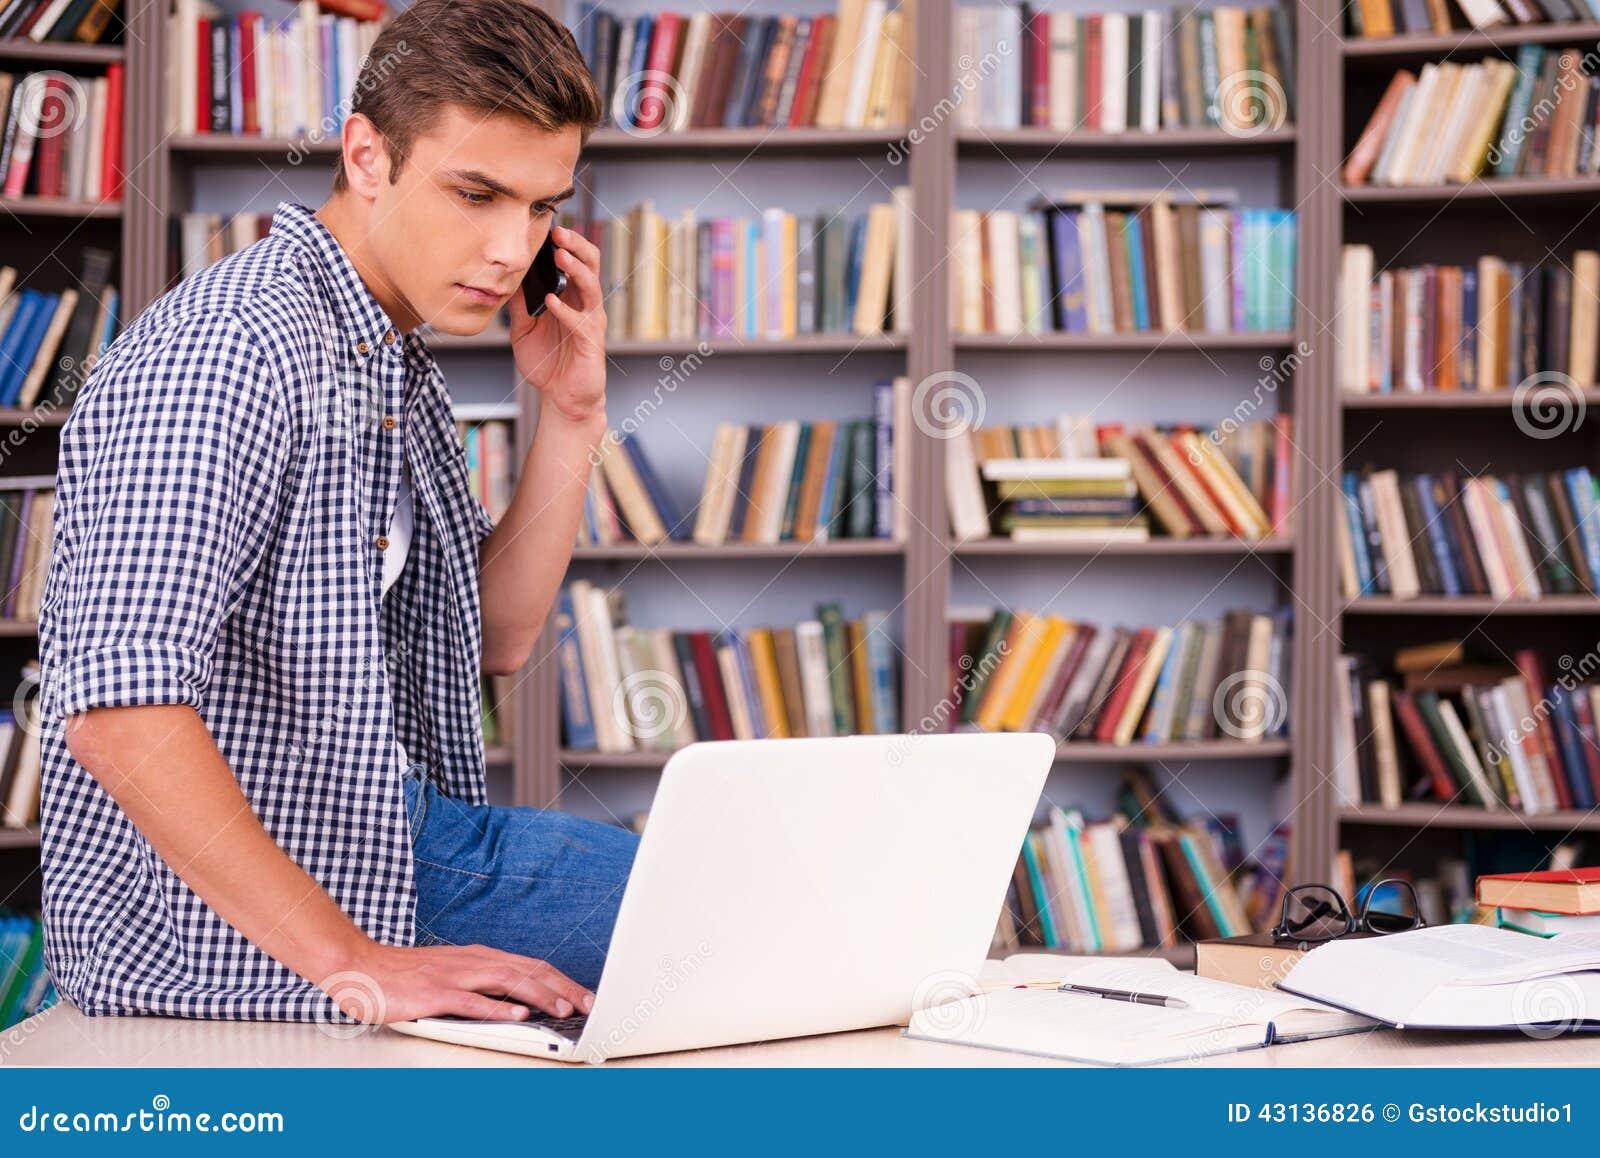 Volledige concentratie bij het bestuderen